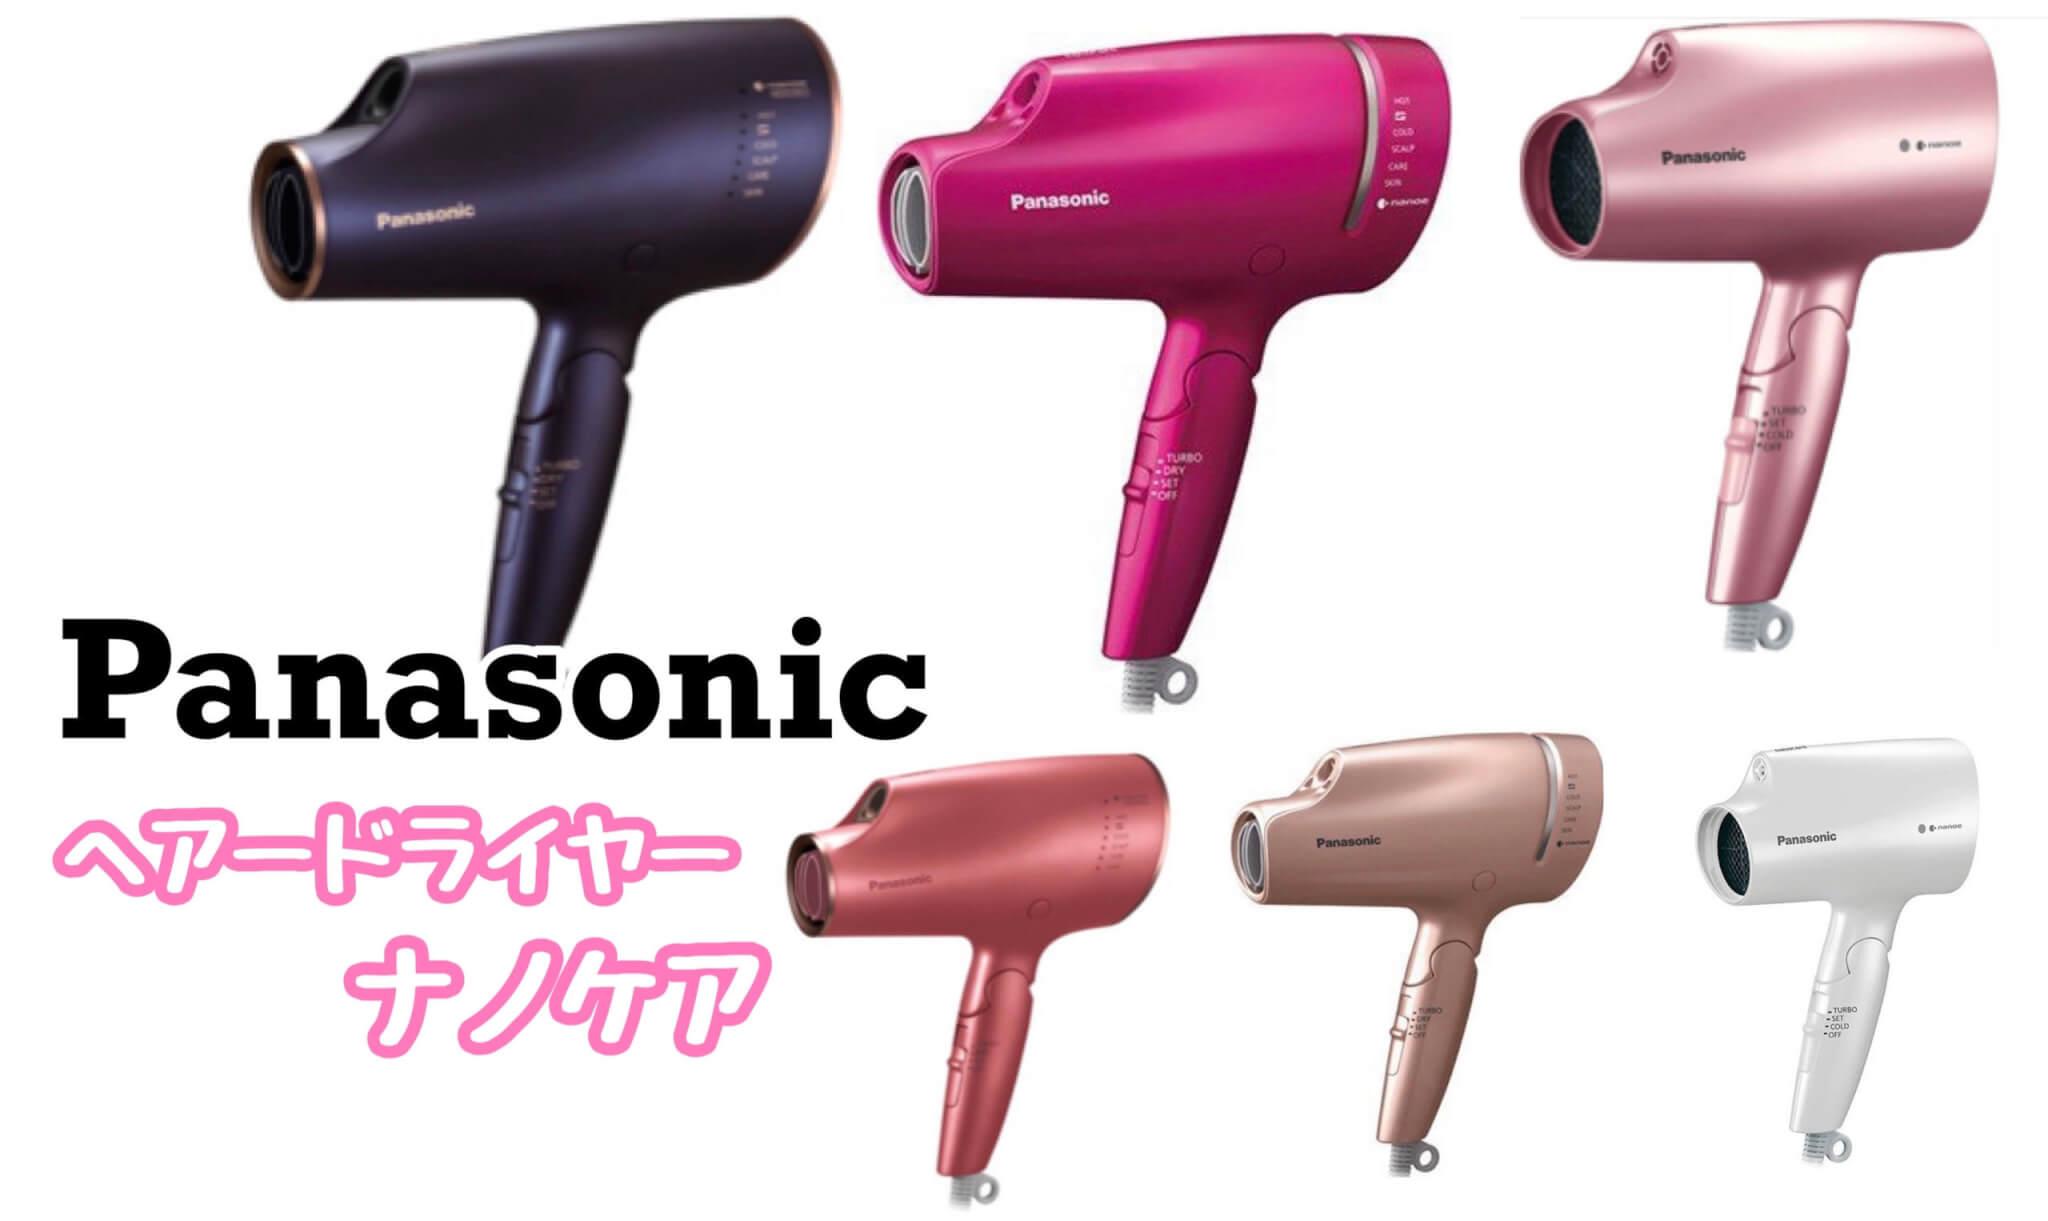 [2020最新] Panasonicのドライヤー「ナノケア」シリーズの違いを比較!